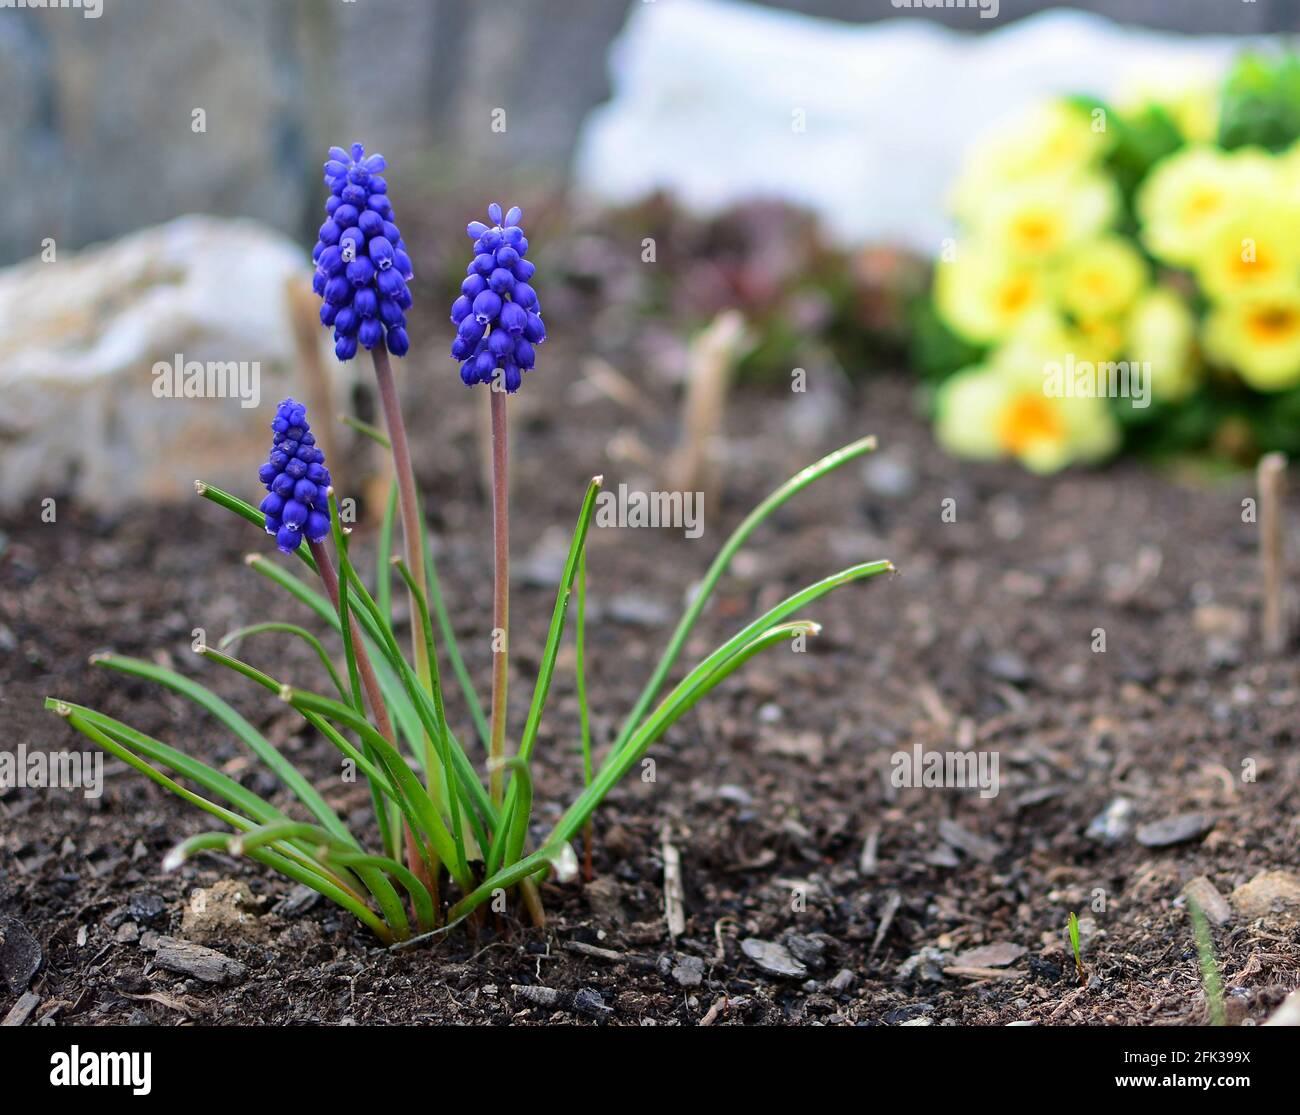 Gros plan de Blue Muscari armeniacum ou Armenian Grape jacinthe Bunch, croissant dans le jardin à partir du sol au début de la saison de printemps. Banque D'Images